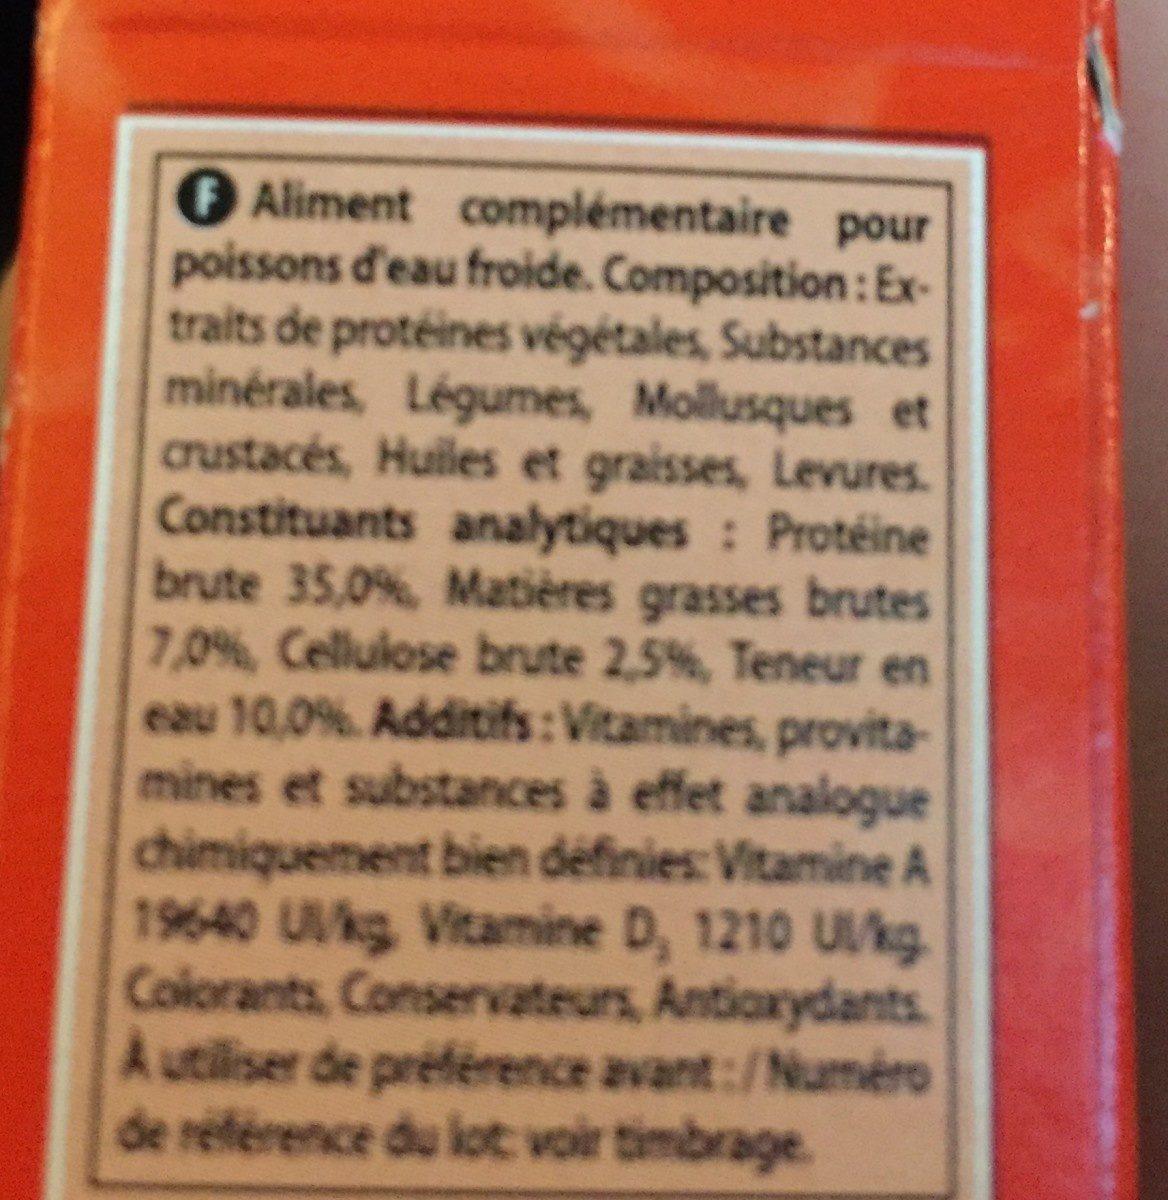 Goldfish week end - Ingredients